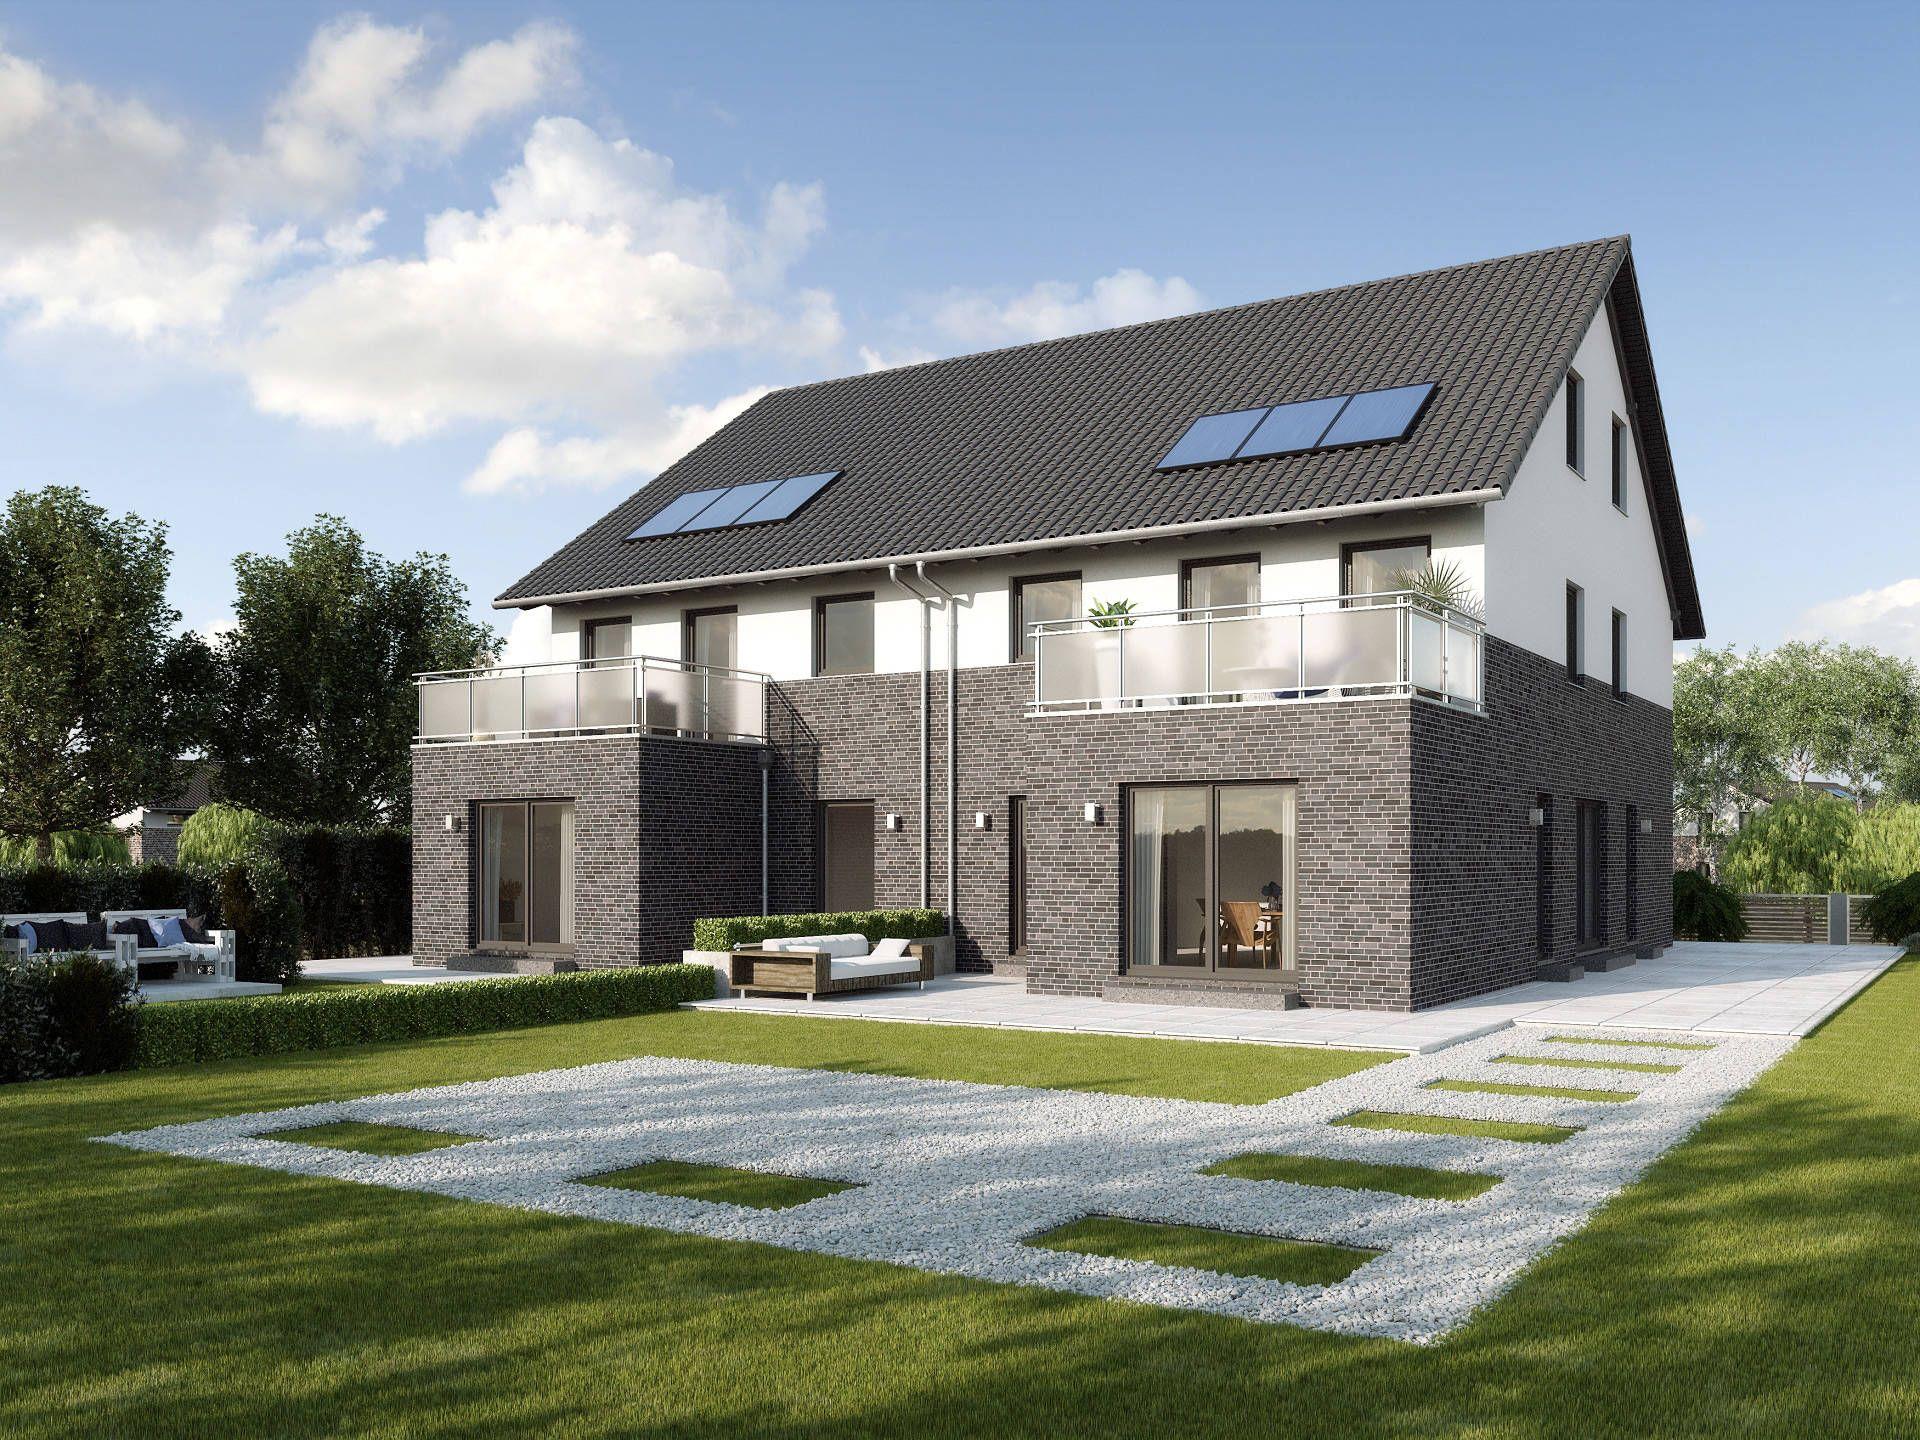 Gussek haus doppelhaus monza houses pinterest for Gartengestaltung 70 qm